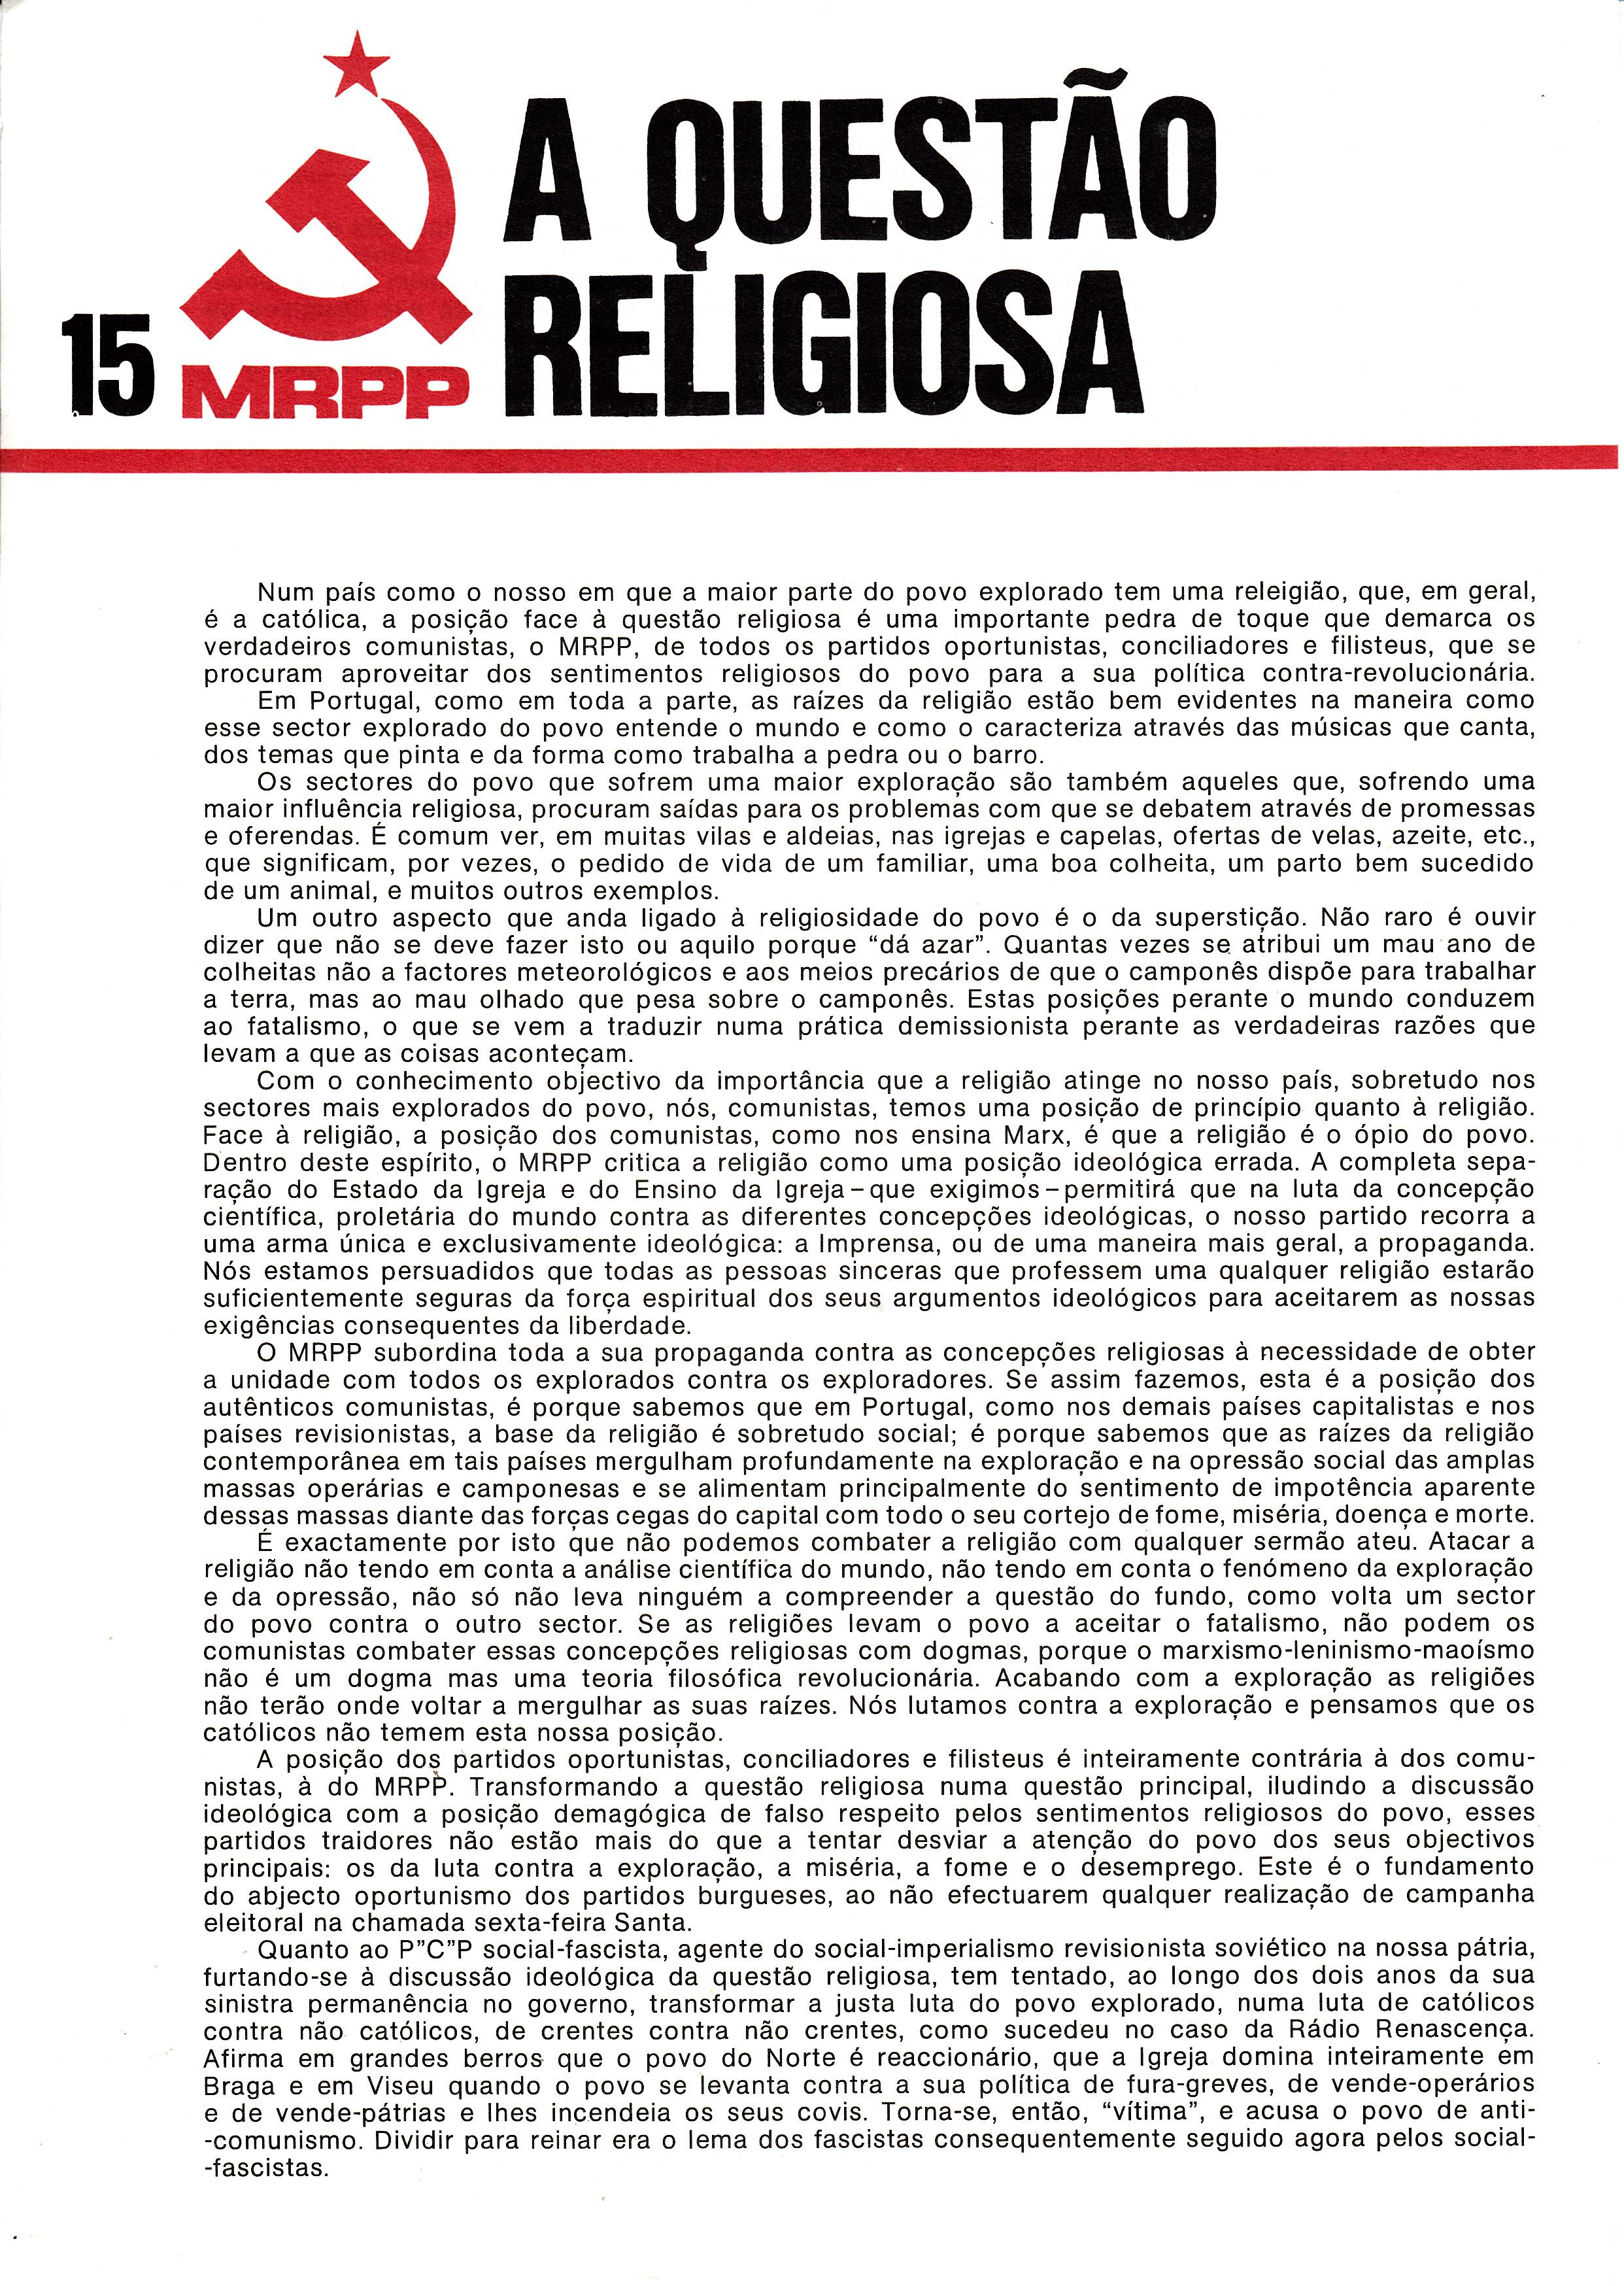 MRPP_1976_04_21_0029